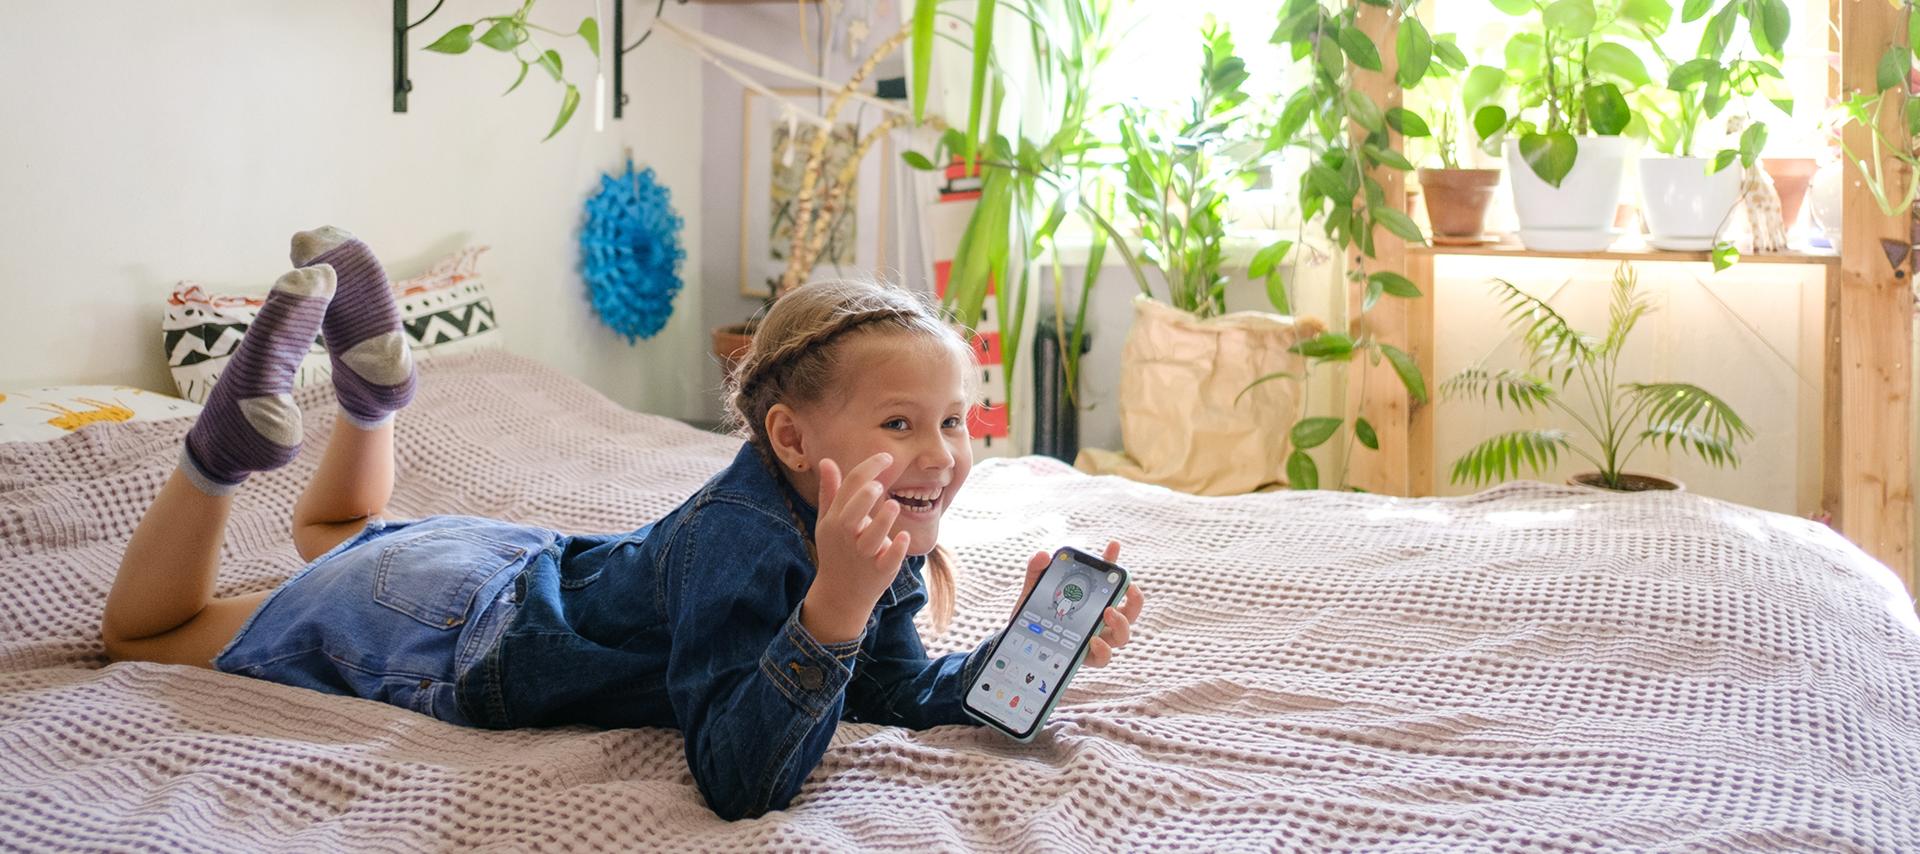 Устный счет: как поддерживать и развивать умение считать в уме в разном возрасте